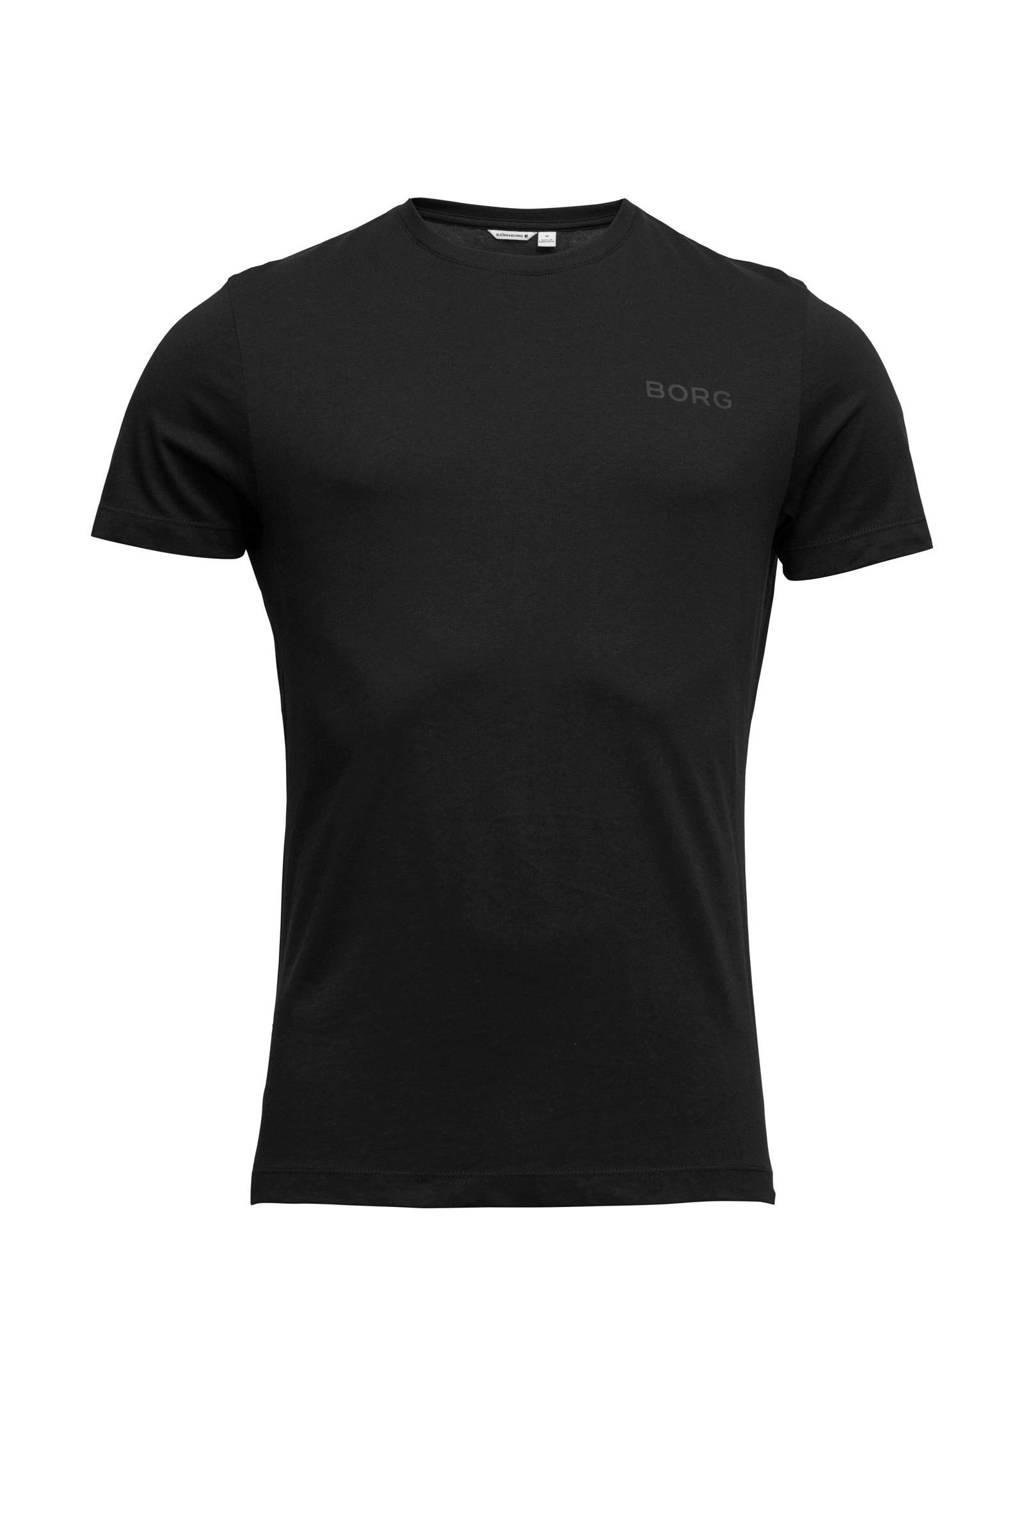 Björn Borg T-shirt zwart, Zwart